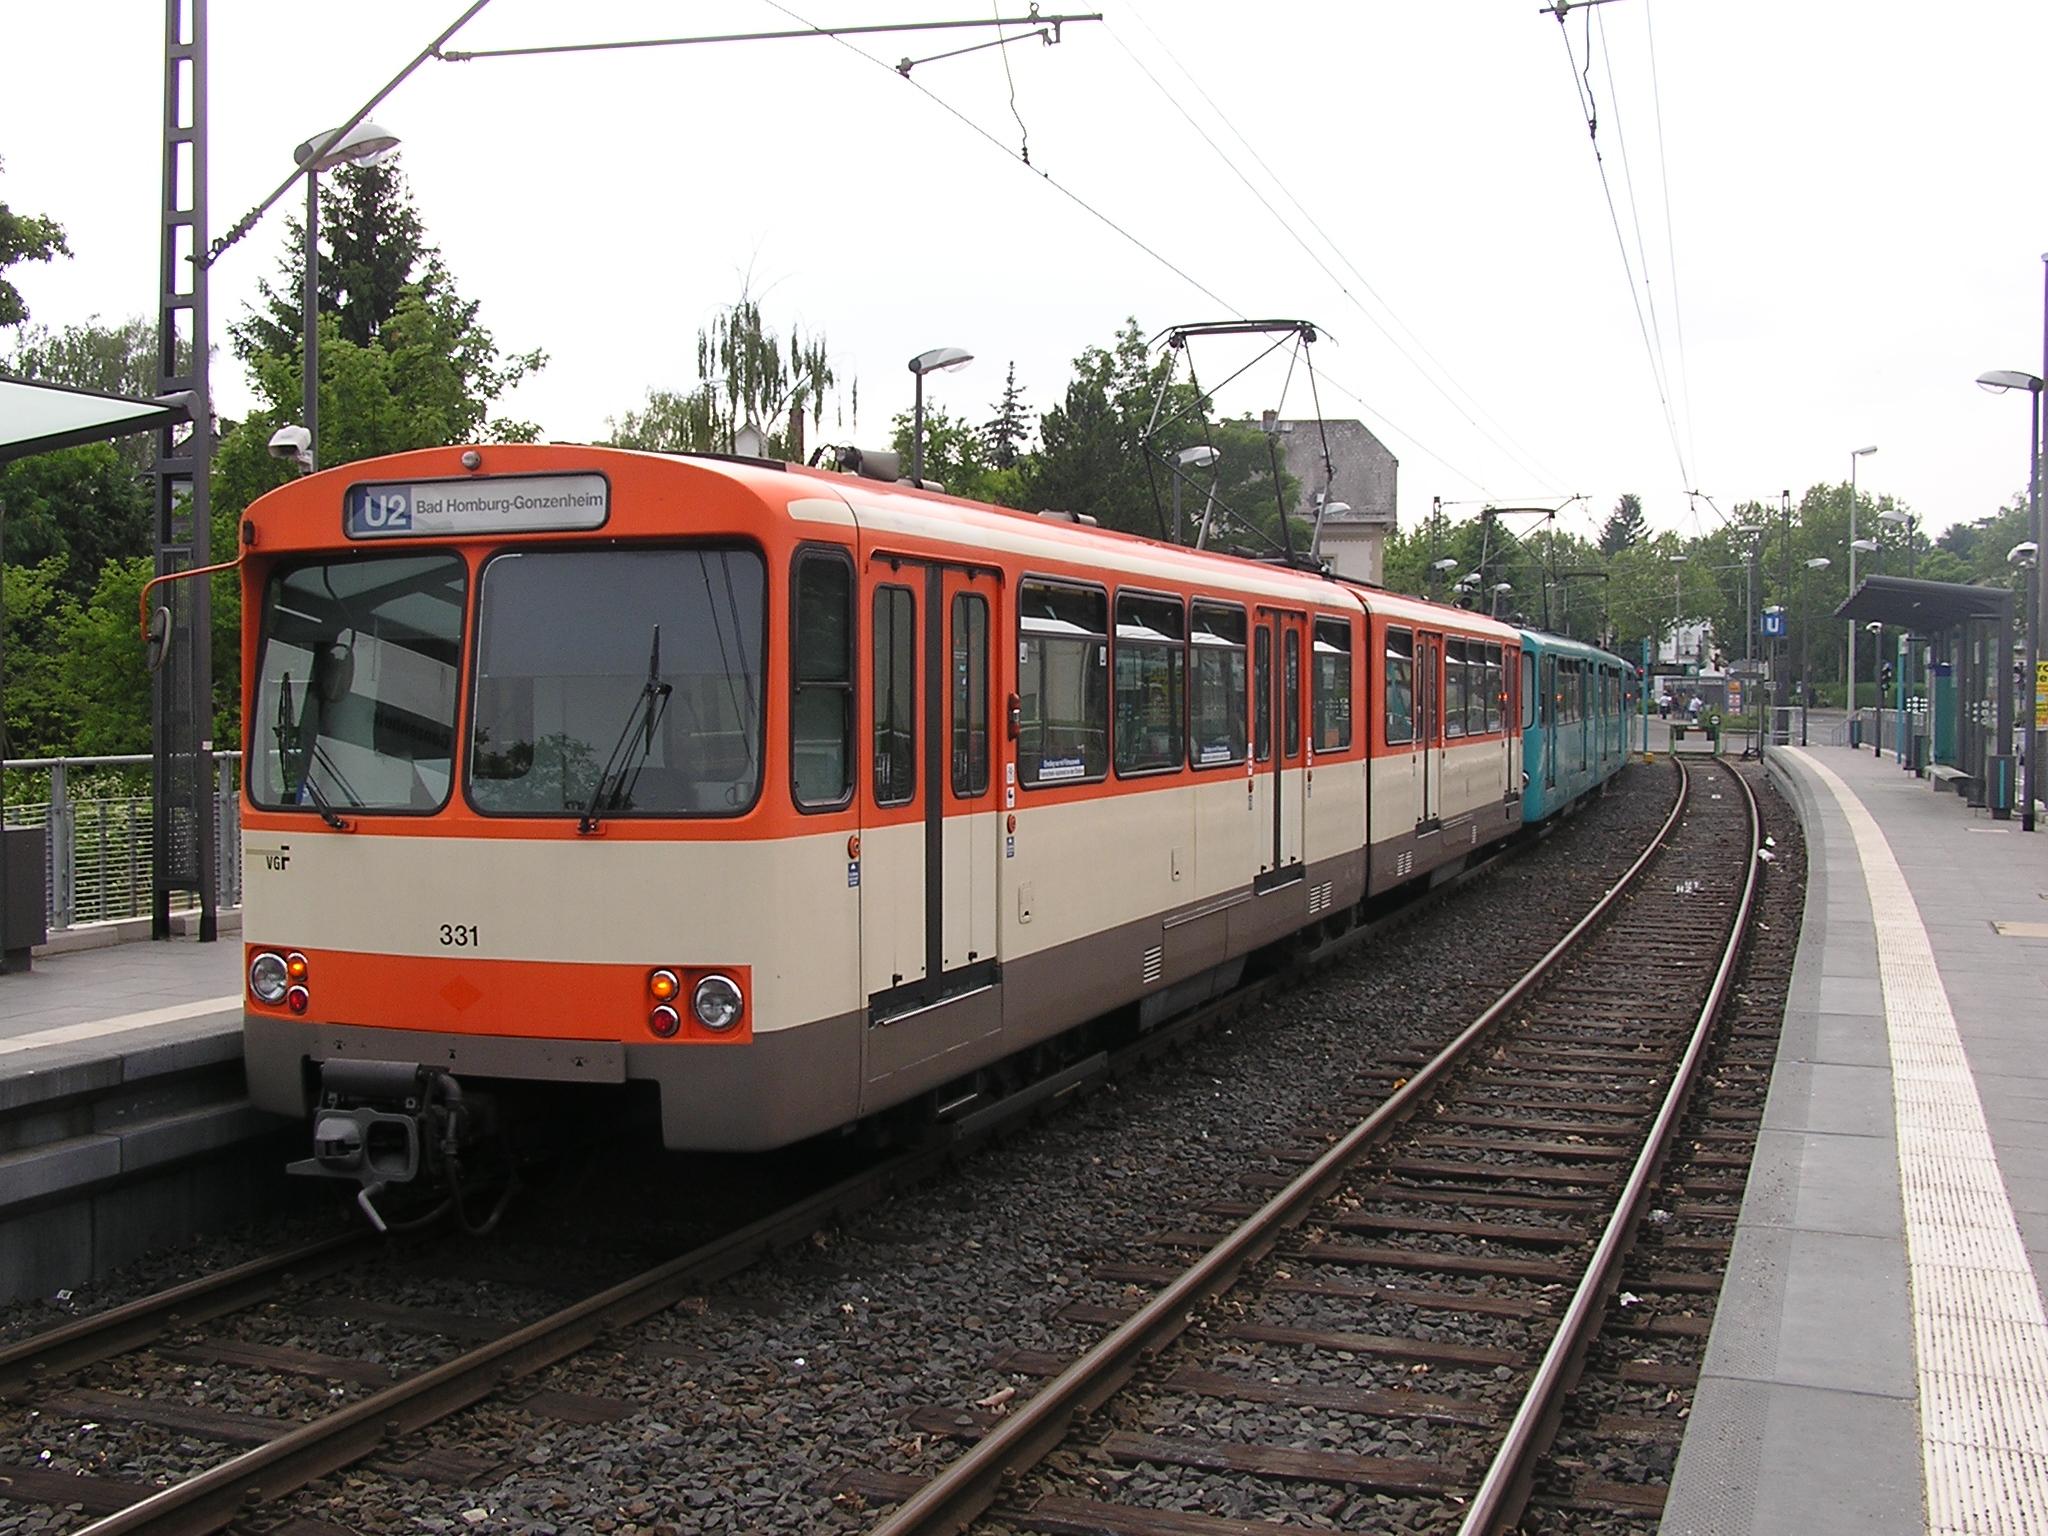 U2-Wage 331 Gonzenheim.jpg